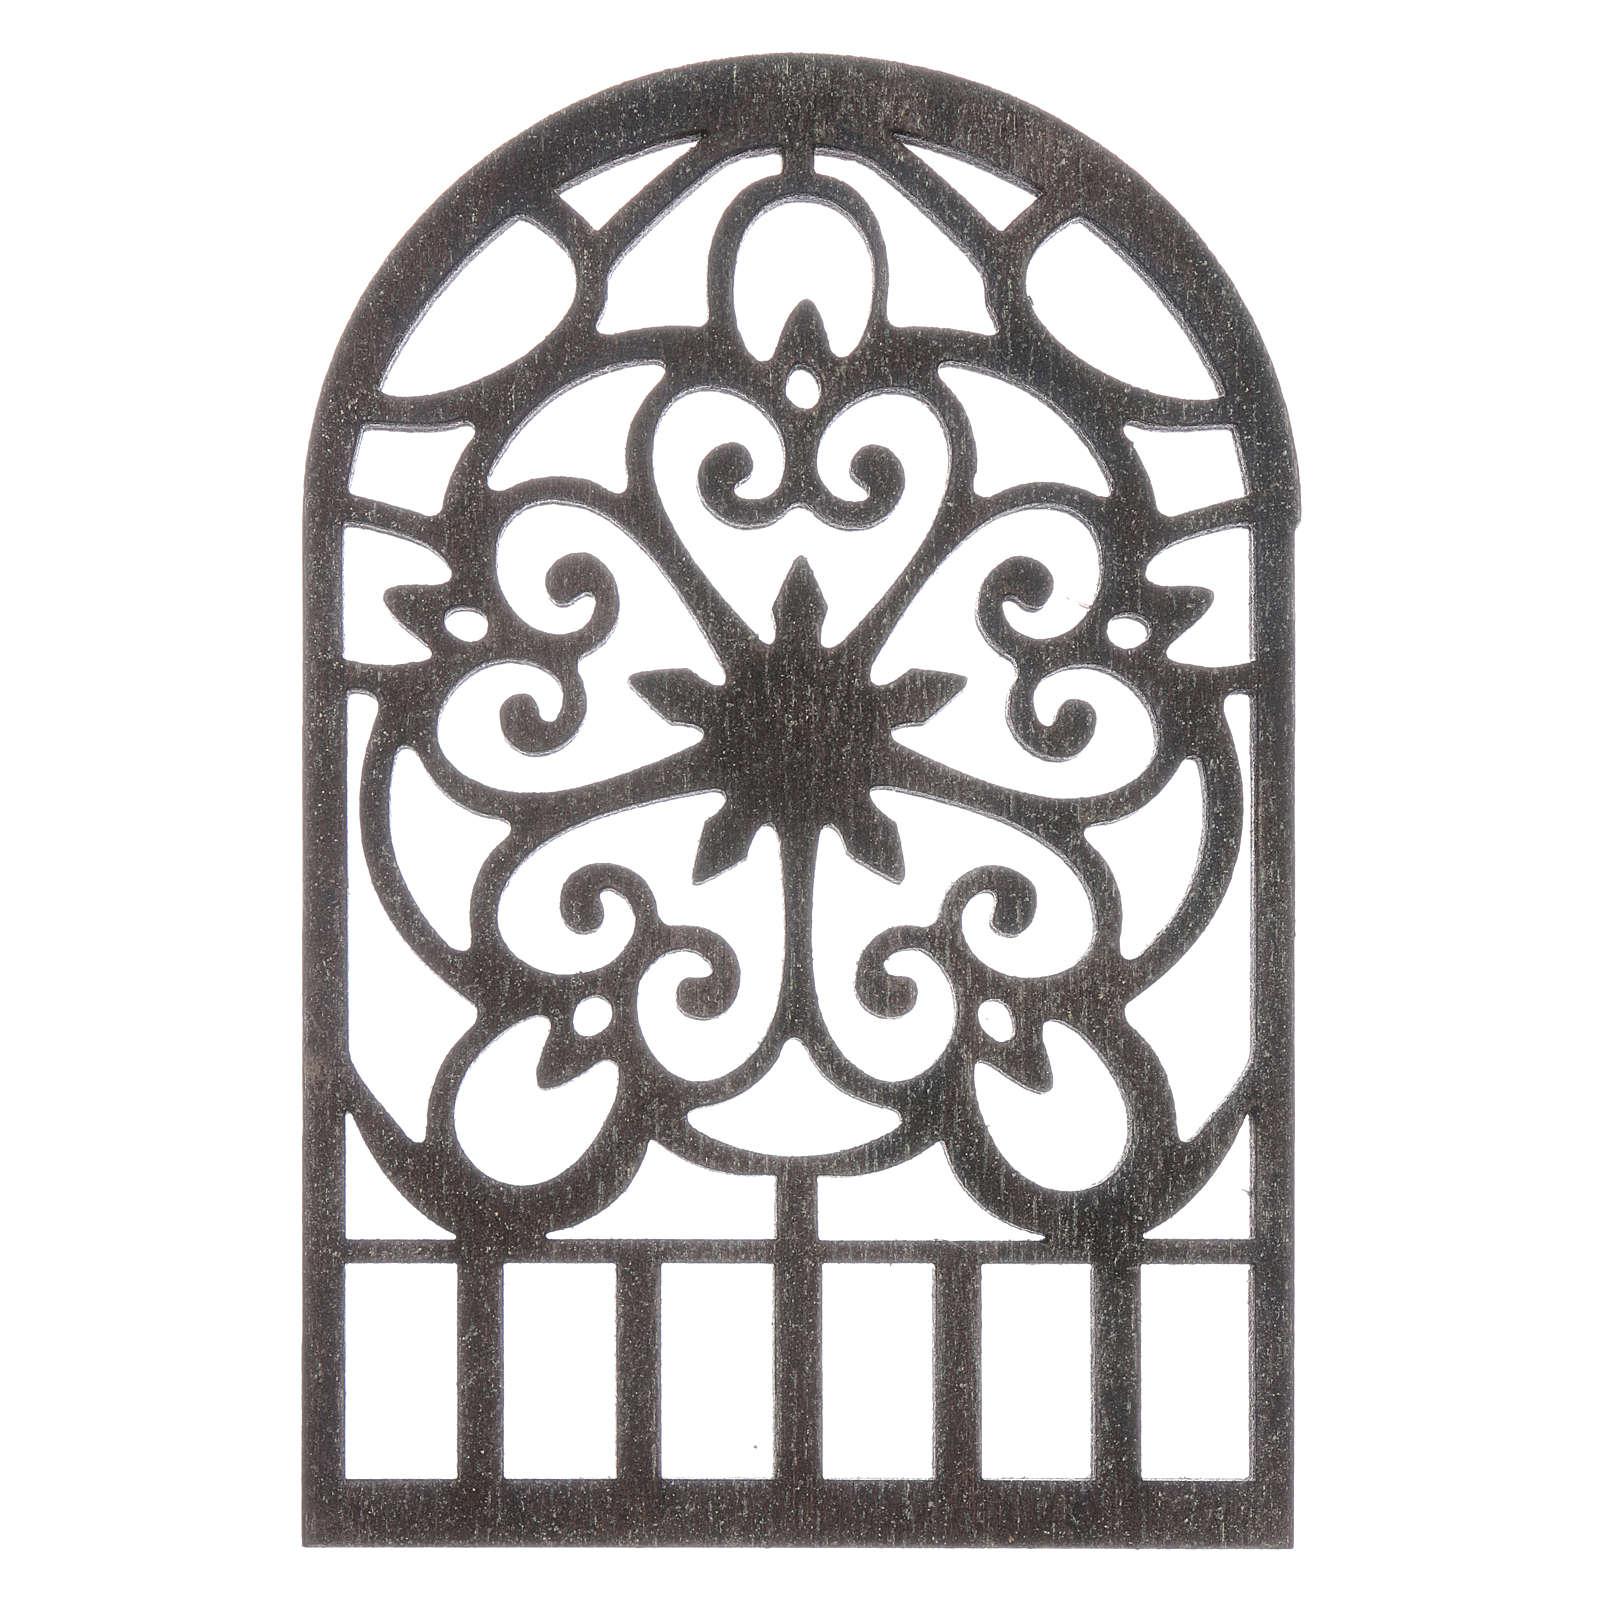 Accesorio belén hecho con bricolaje napolitano marco árabe 4